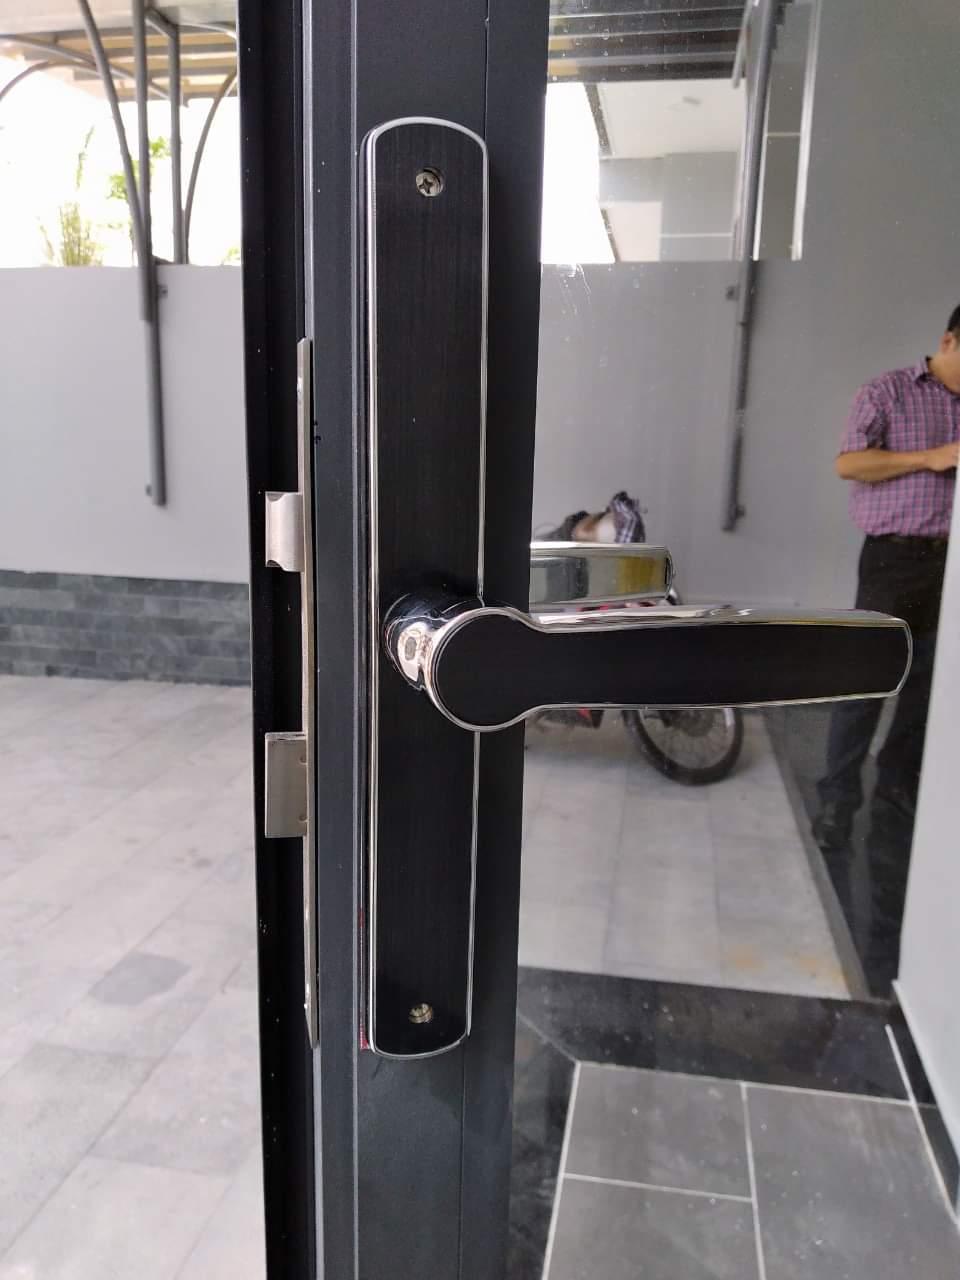 Chúng ta có thể xem thêm bài viết lắp khóa từ cho cửa kính văn phòng tại website của SHG Vietnam. Tùy vào mỗi loại cửa cụ thể mà chúng ta có thể lựa chọn một Chuyên lắp khóa cổng vân tay - Giá rẻ - Bảo hành tận nơi lắp đặt khóa vân tay toàn quốc. Bảo hành 24 tháng. Giá tốt nhất. Lắp đặt khóa thông minh các thương hiệu Himedia